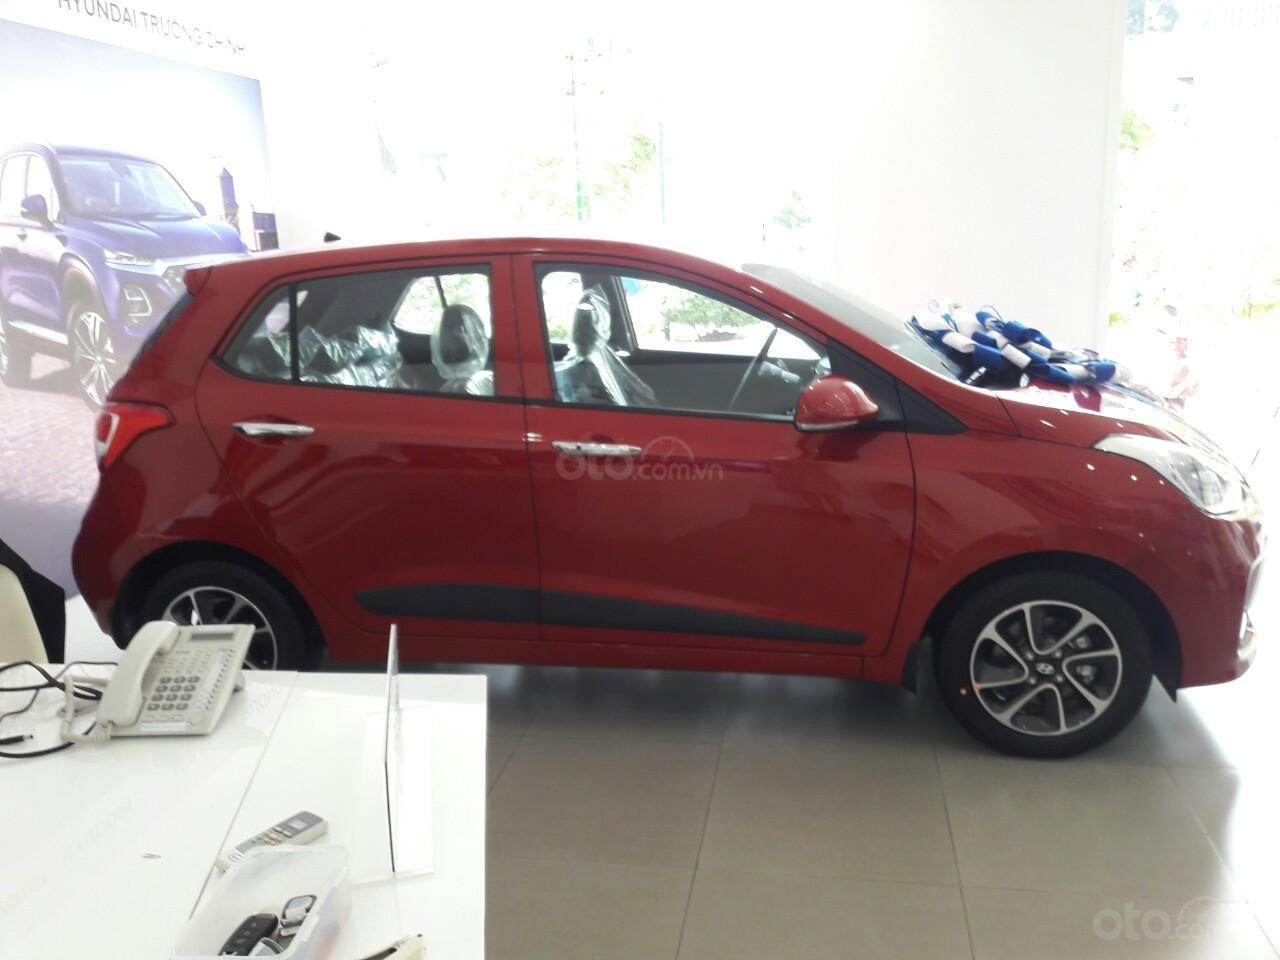 Bán Hyundai Grand I10 1.2AT, màu đỏ nhận xe ngay chỉ với 120tr, hỗ trợ đăng ký Grab, vay trả góp LS cực ưu đãi (2)